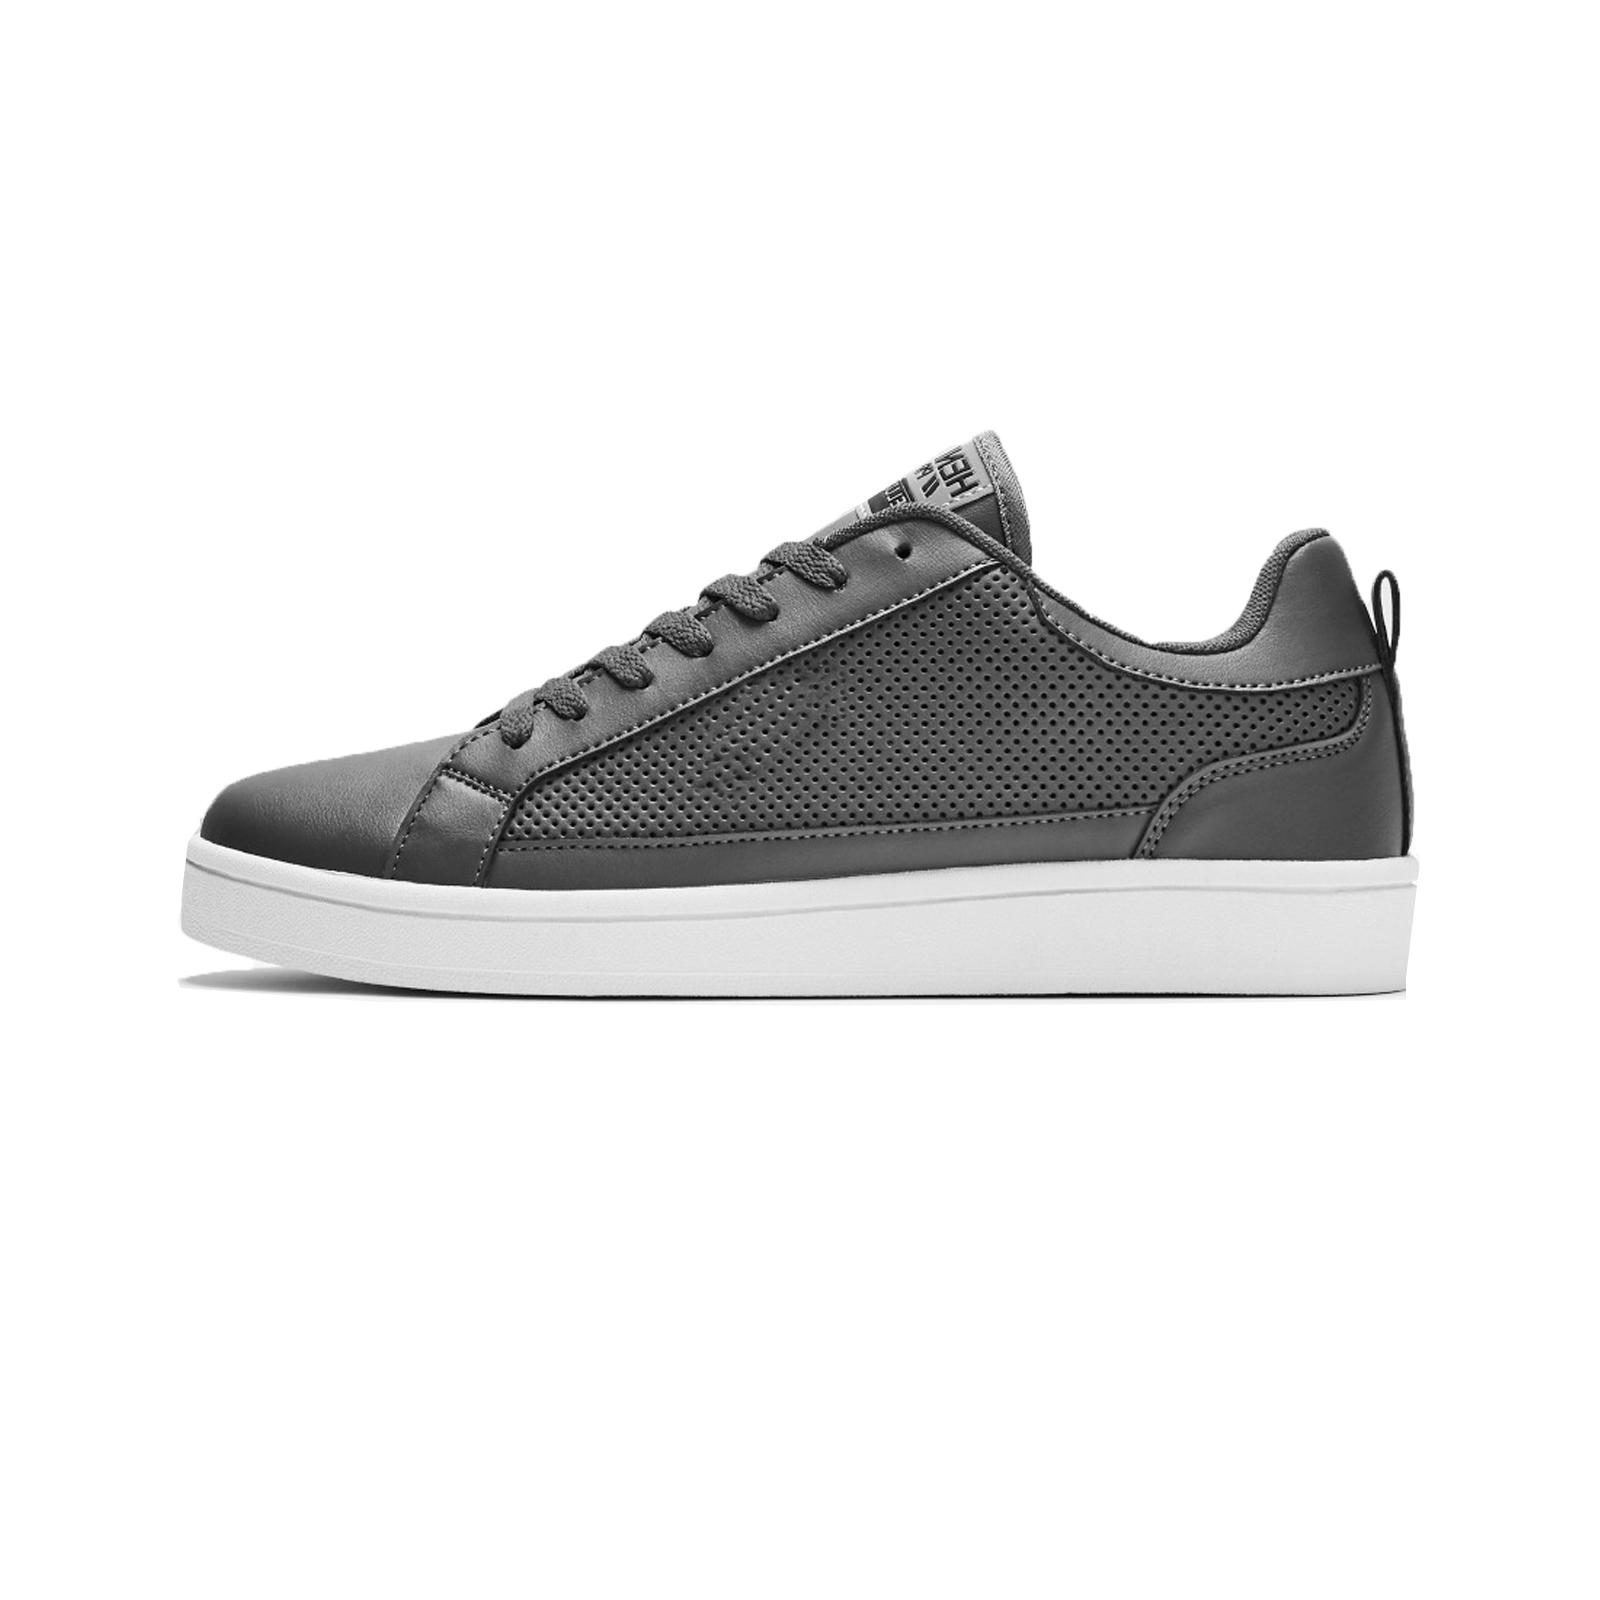 Henleys-Para-hombre-Drexel-Cupsole-Con-Cordones-Zapatillas-Bajo-Top-Zapatos-Zapatos-De-Salon-Casual miniatura 7